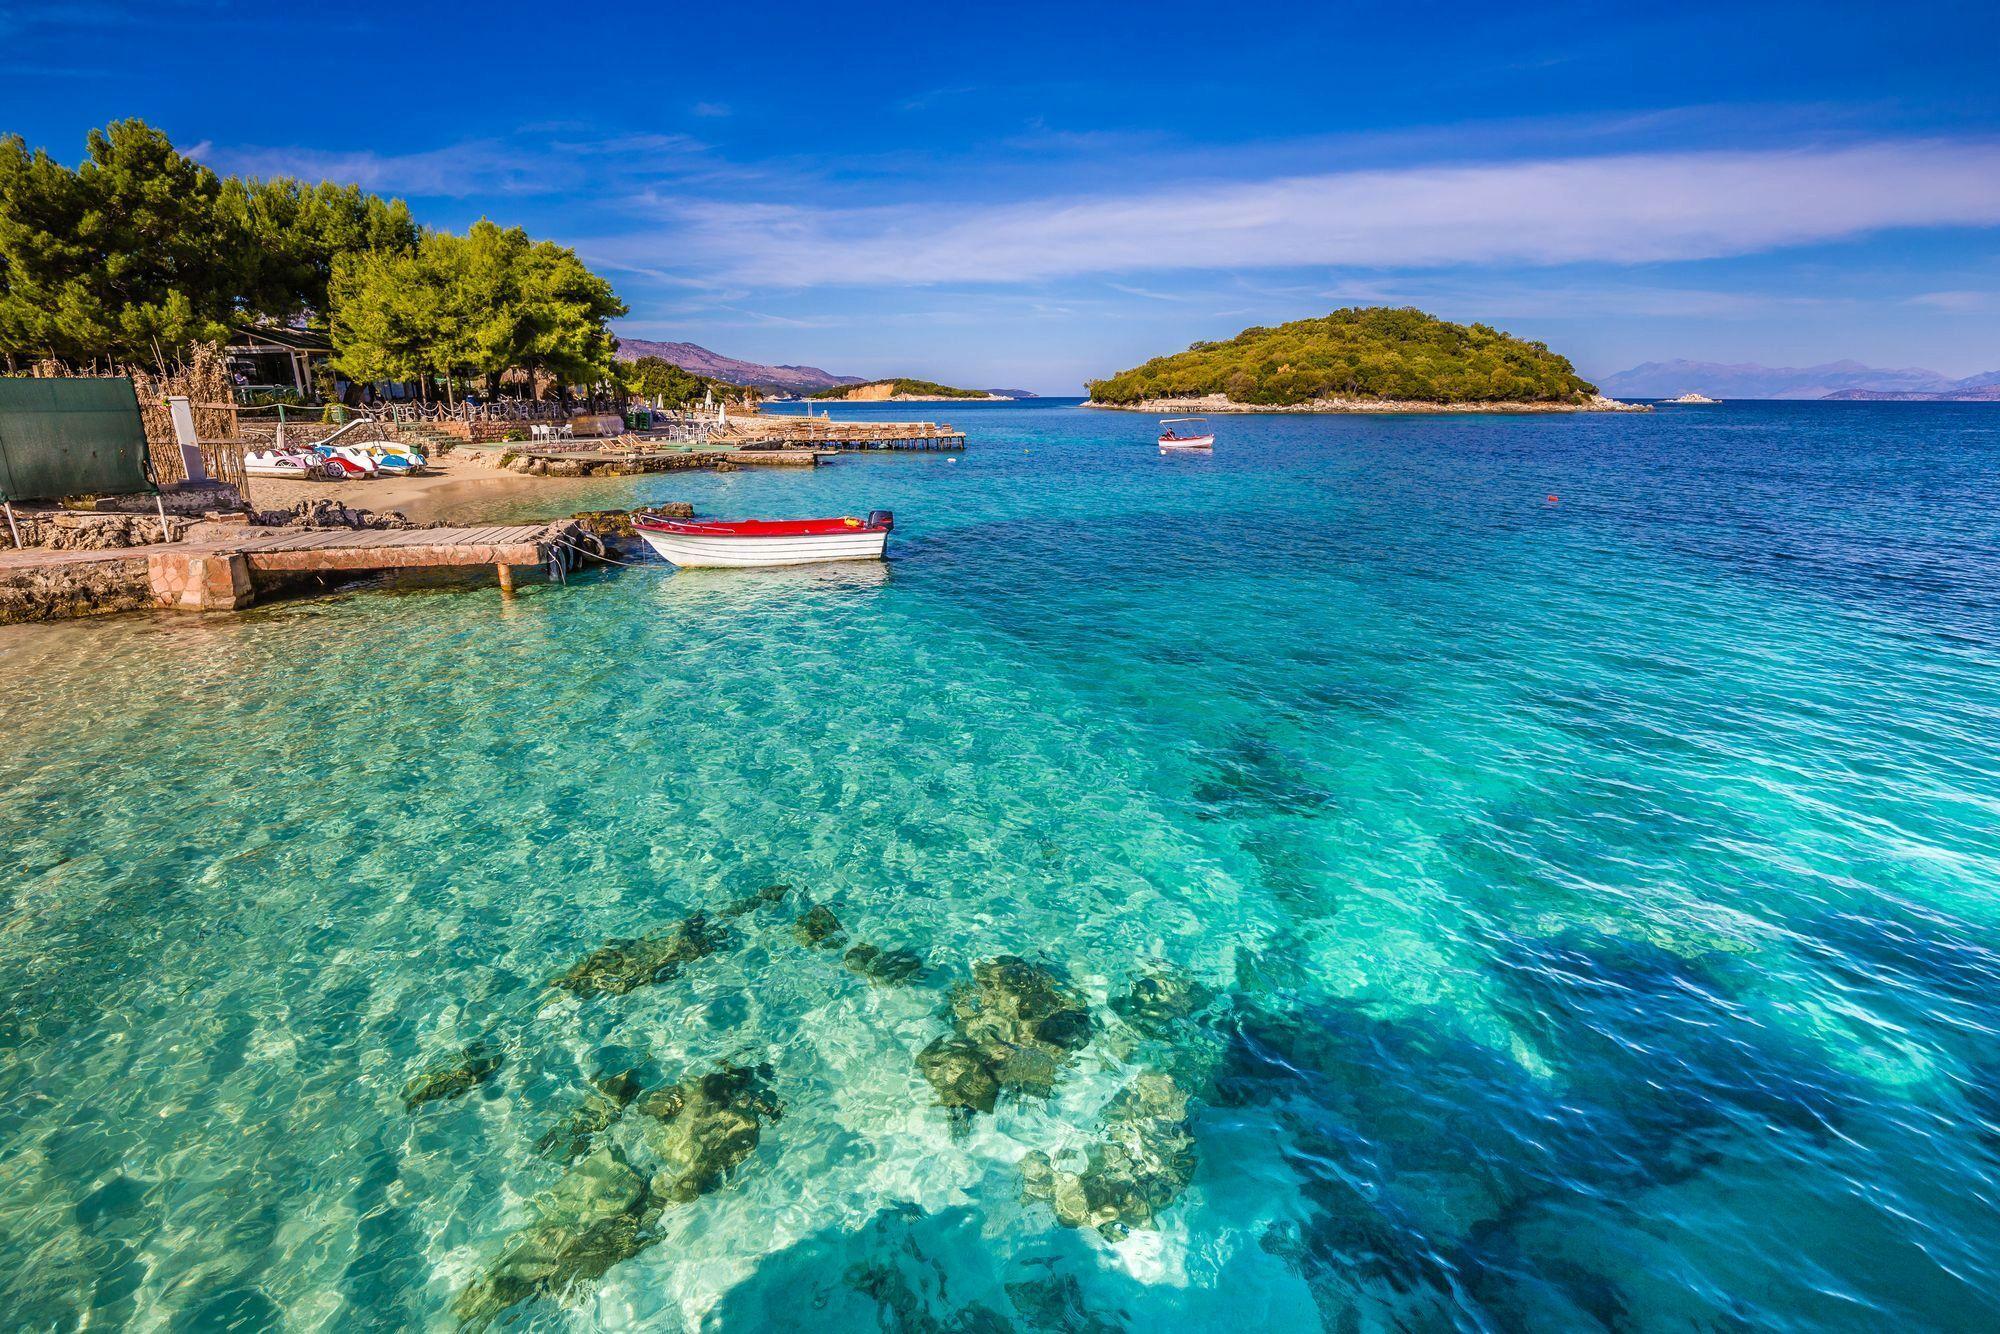 На курорті Ксаміл вода досягає чистого бірюзового кольору, за що її порівнюють із Мальдівами.